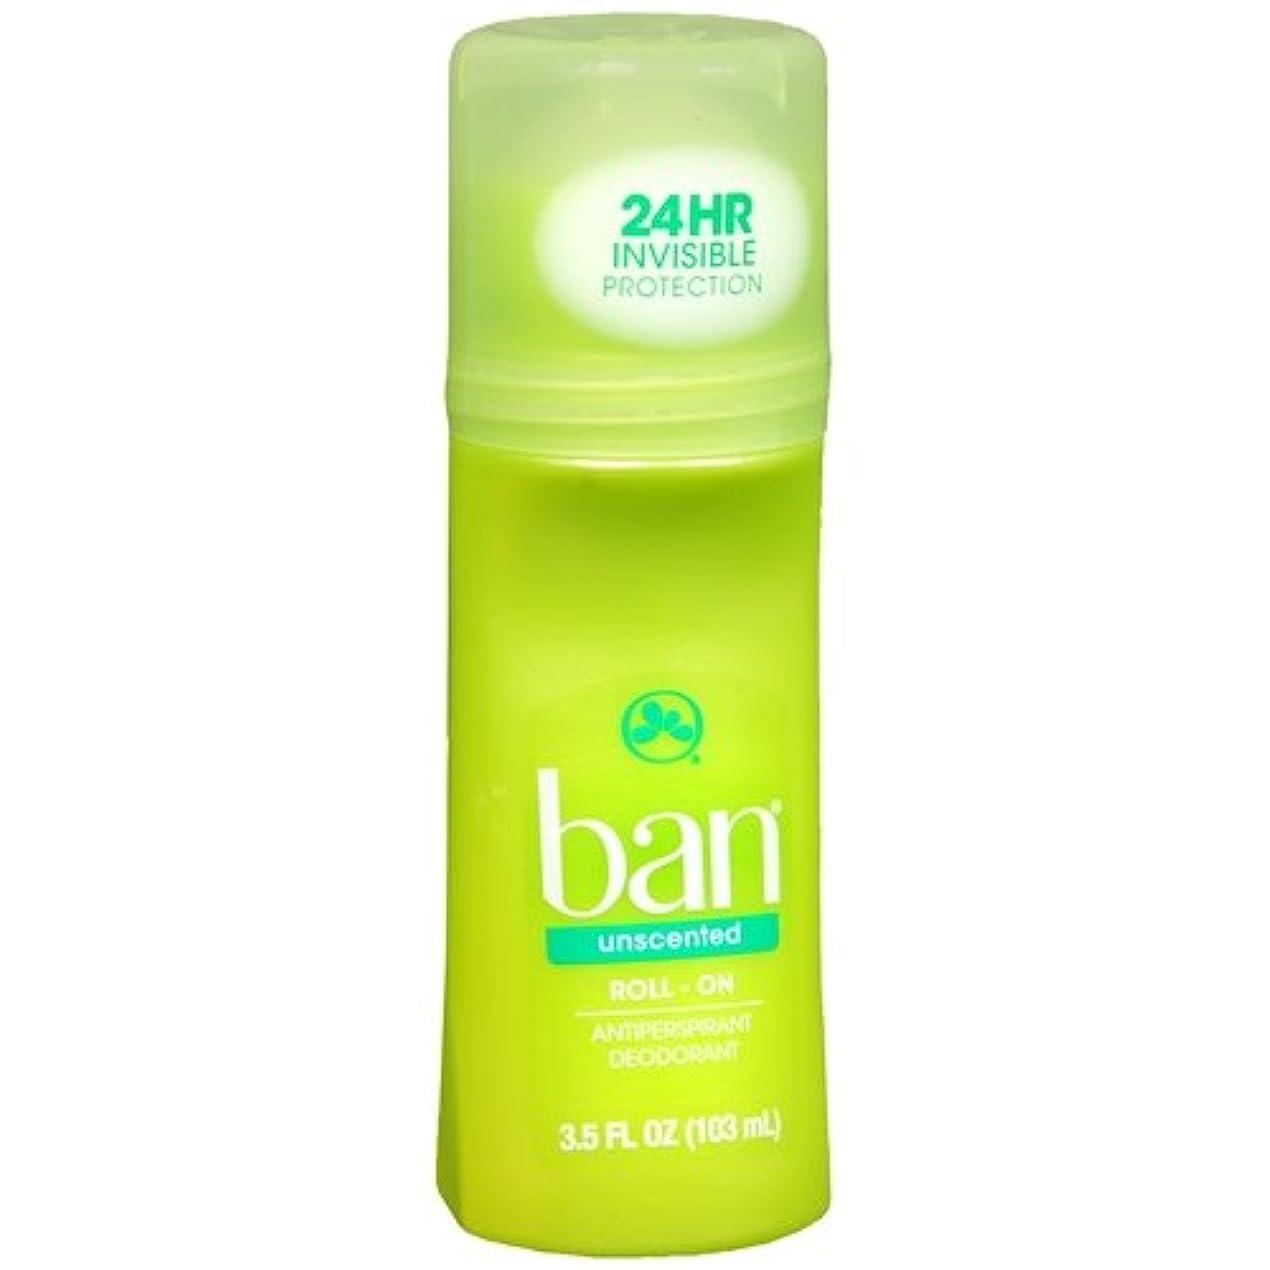 蛾観客ペインティング海外直送品 【2個セット】Ban Roll-On Unscented Antiperspirant & Deodorant - 3.5 fl oz (103 ml) 無香タイプ